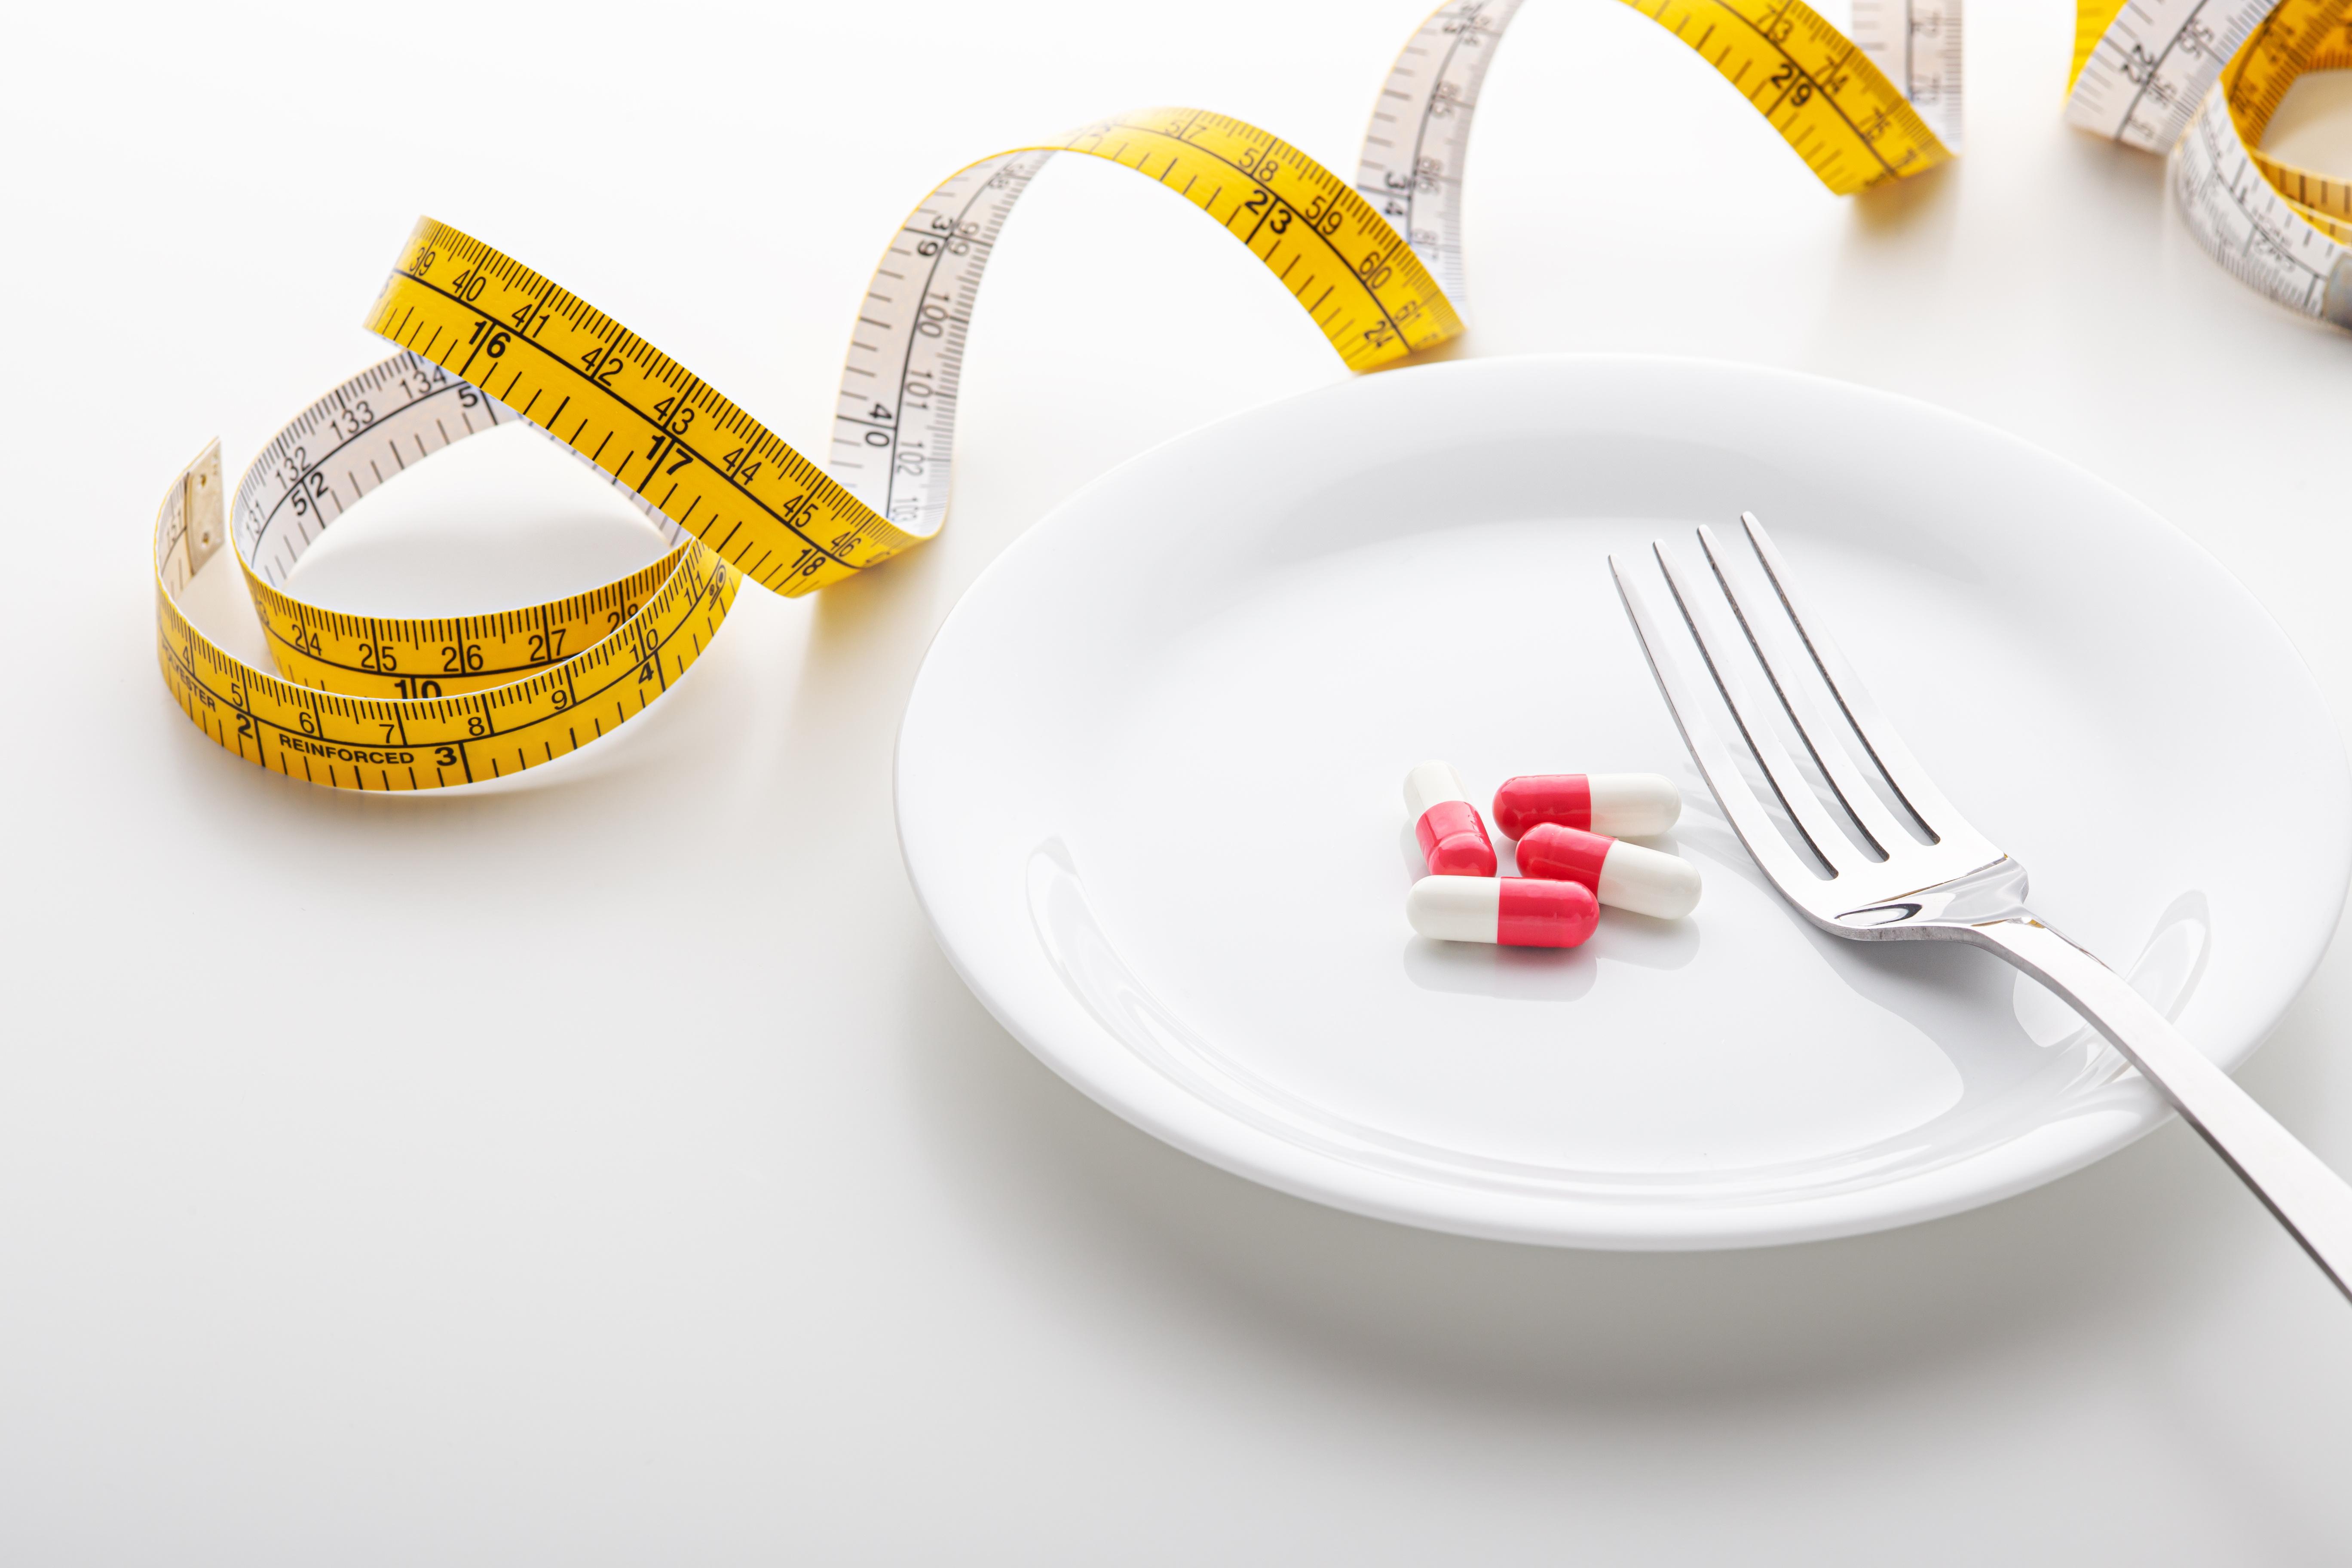 Stimuler la production de chaleur corporelle, c'est l'approche poursuivie par l'équipe d'endocrinologues du Garvan Institute (Australie) pour lutter contre l'obésité (Visuel Adobe Stock 294304622)